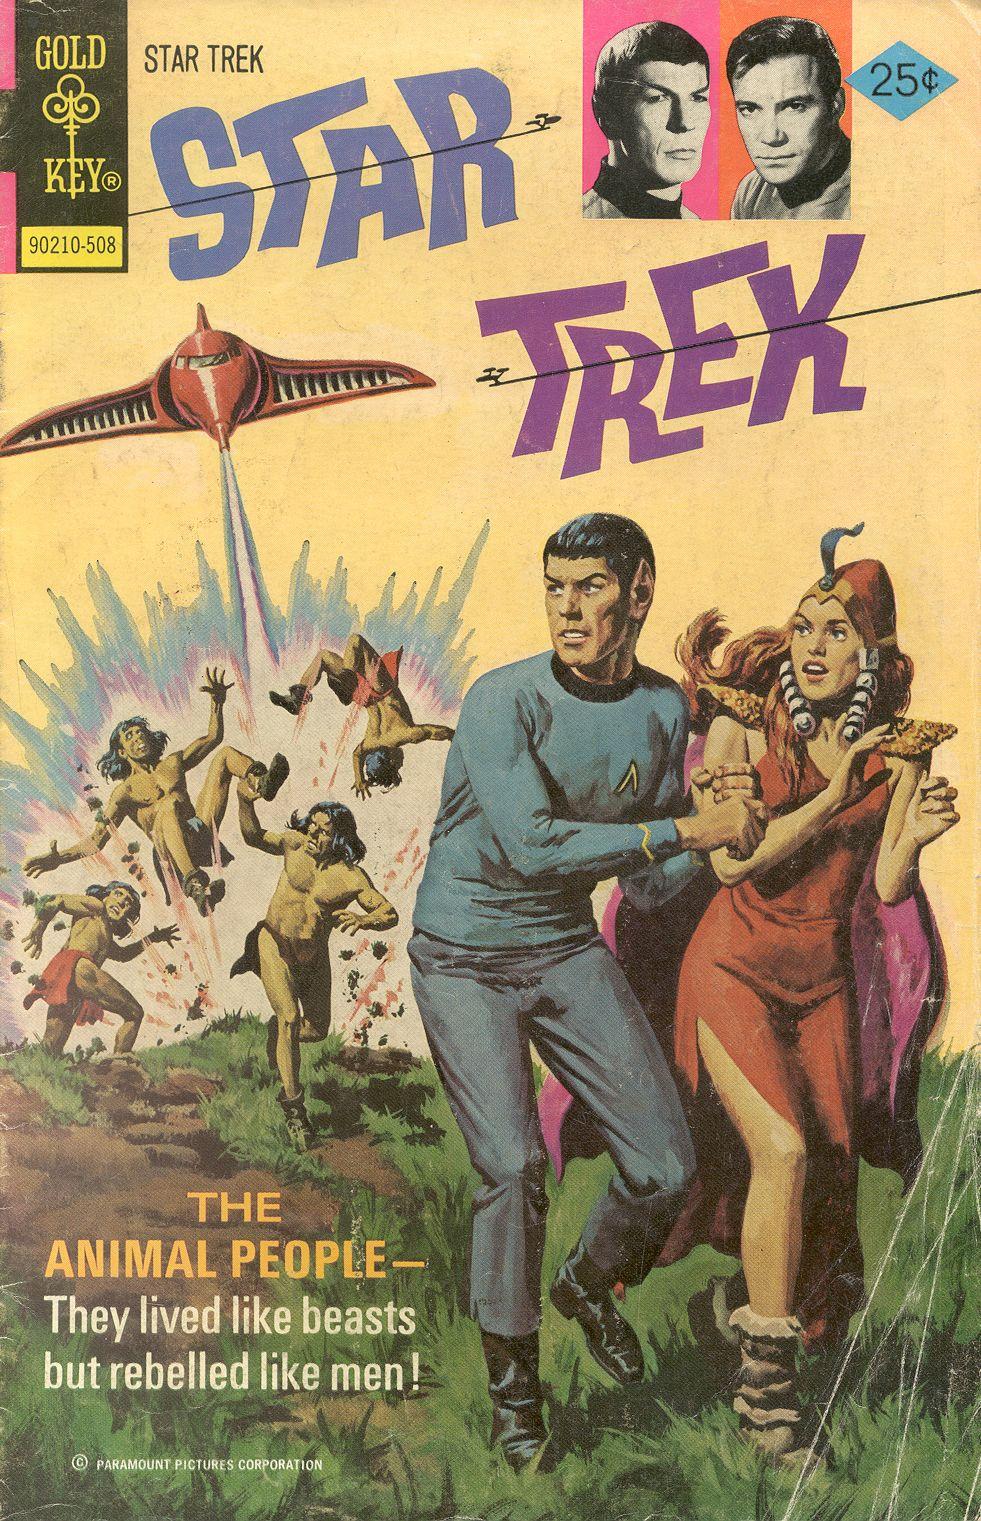 Star Trek (1967) issue 32 - Page 1